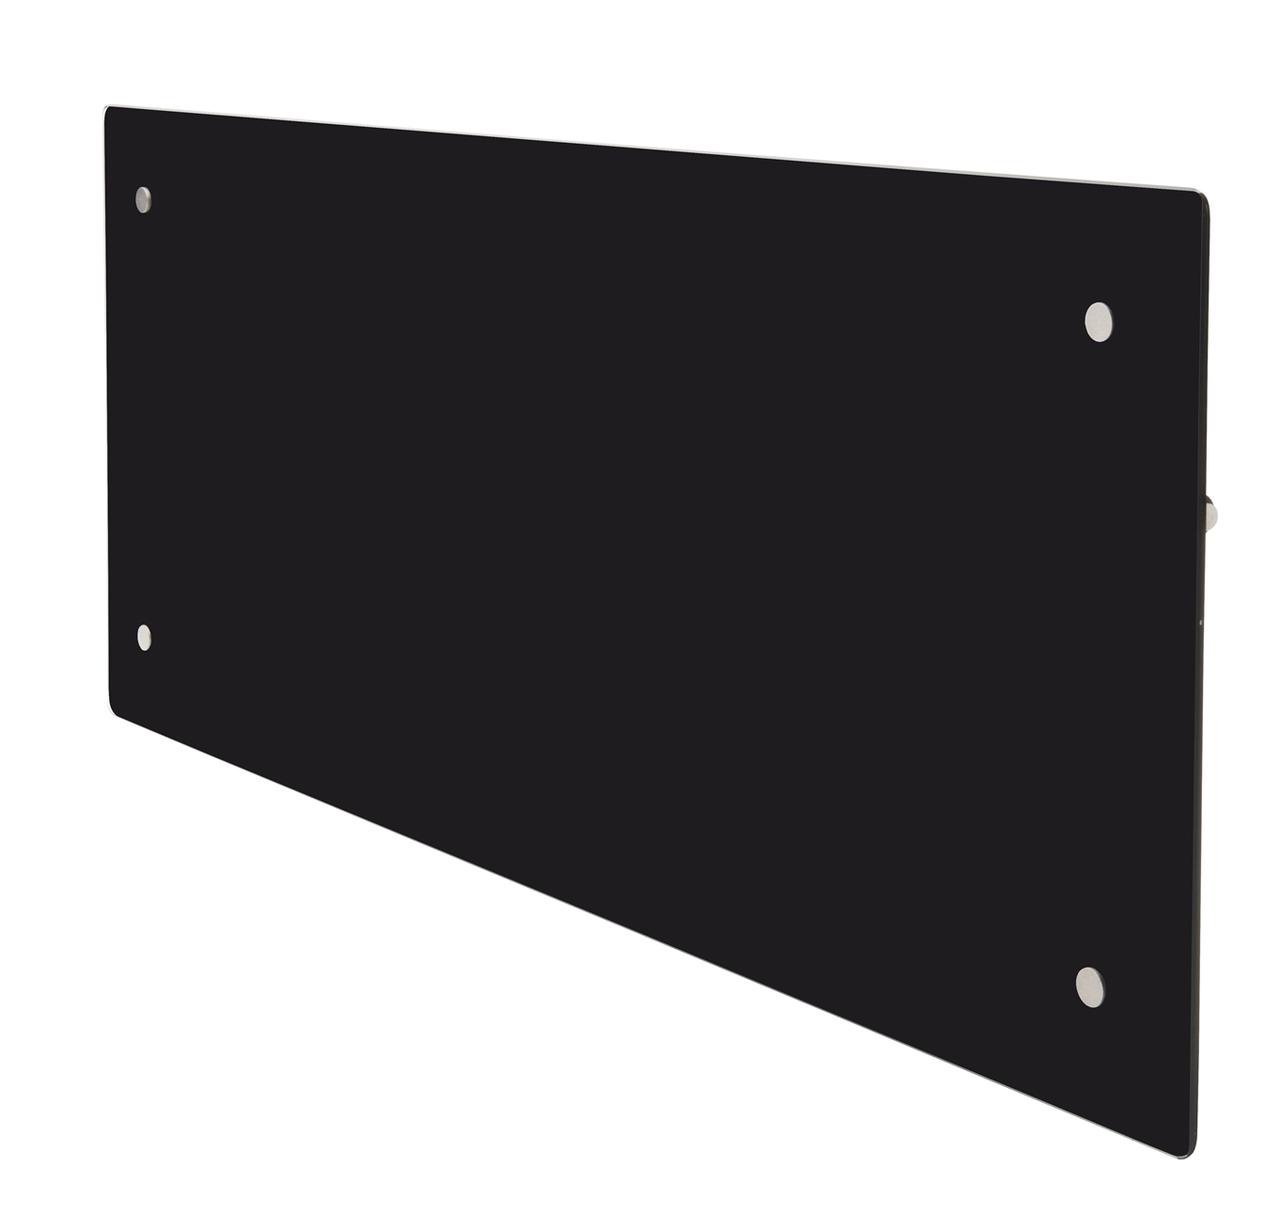 Конвектор електричний обігрівач ADAX CLEA H 06 - 600W KWT Black